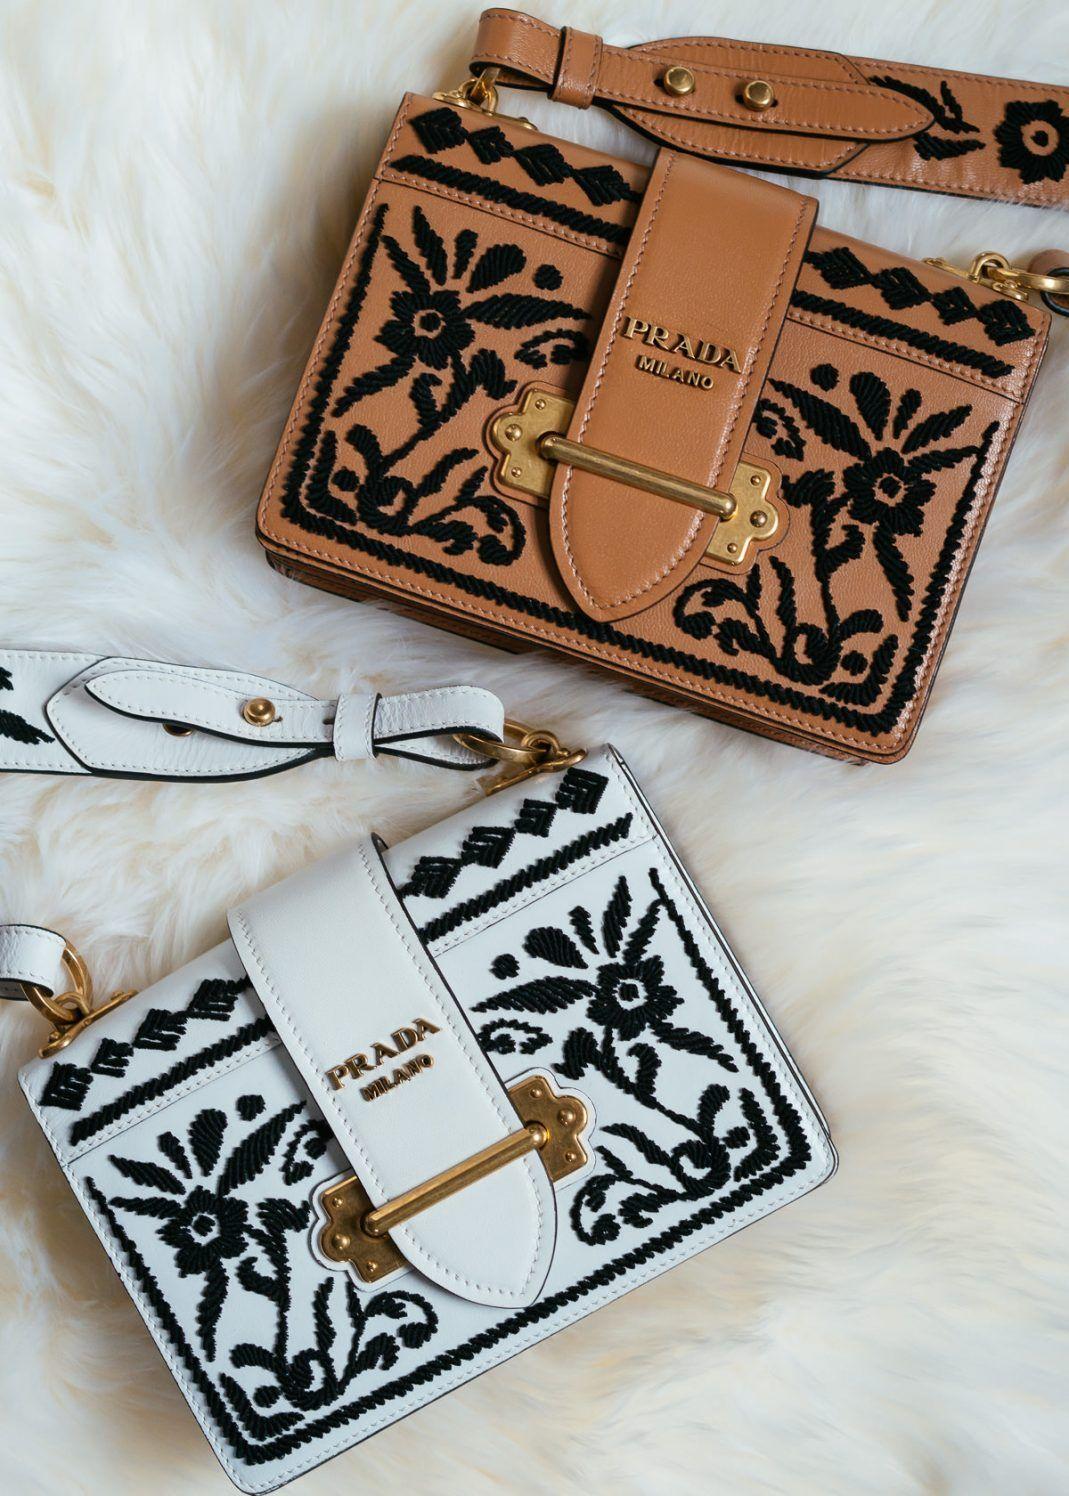 f2c8afd9194e ... where to buy loving lately the prada cahier bag purseblog pradahandbags  a0211 974a8